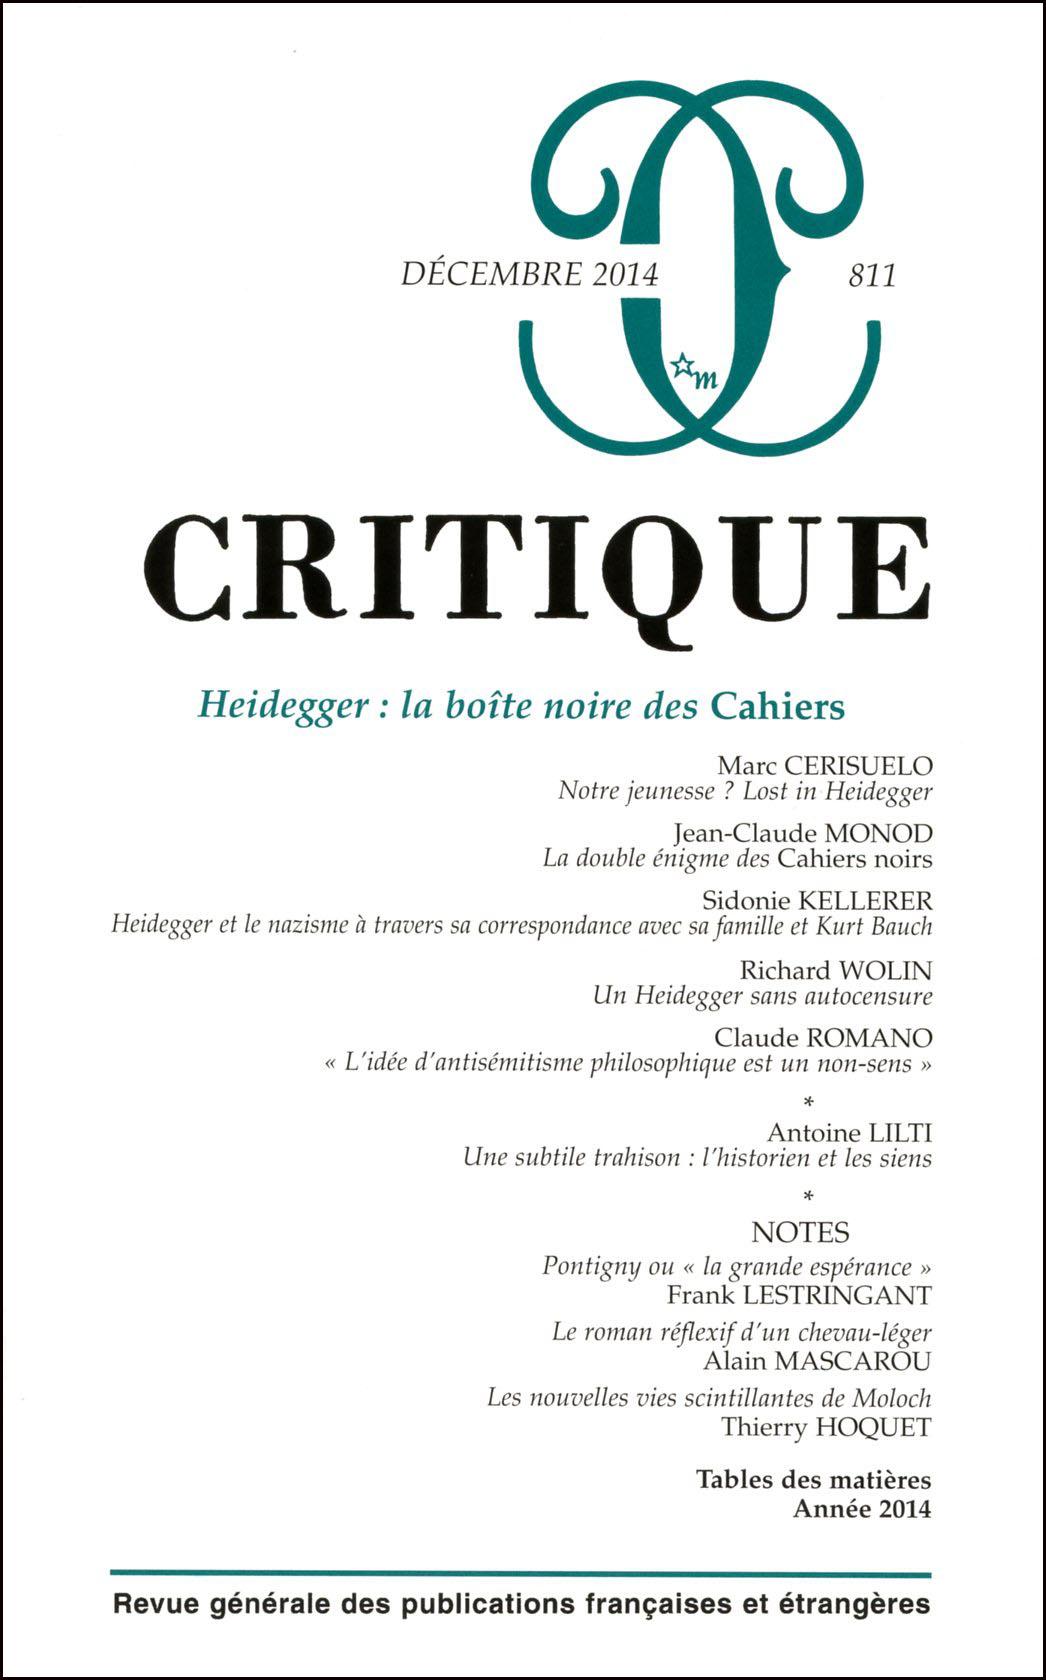 Critique, Tome LXX, 811 (Décembre 2014)